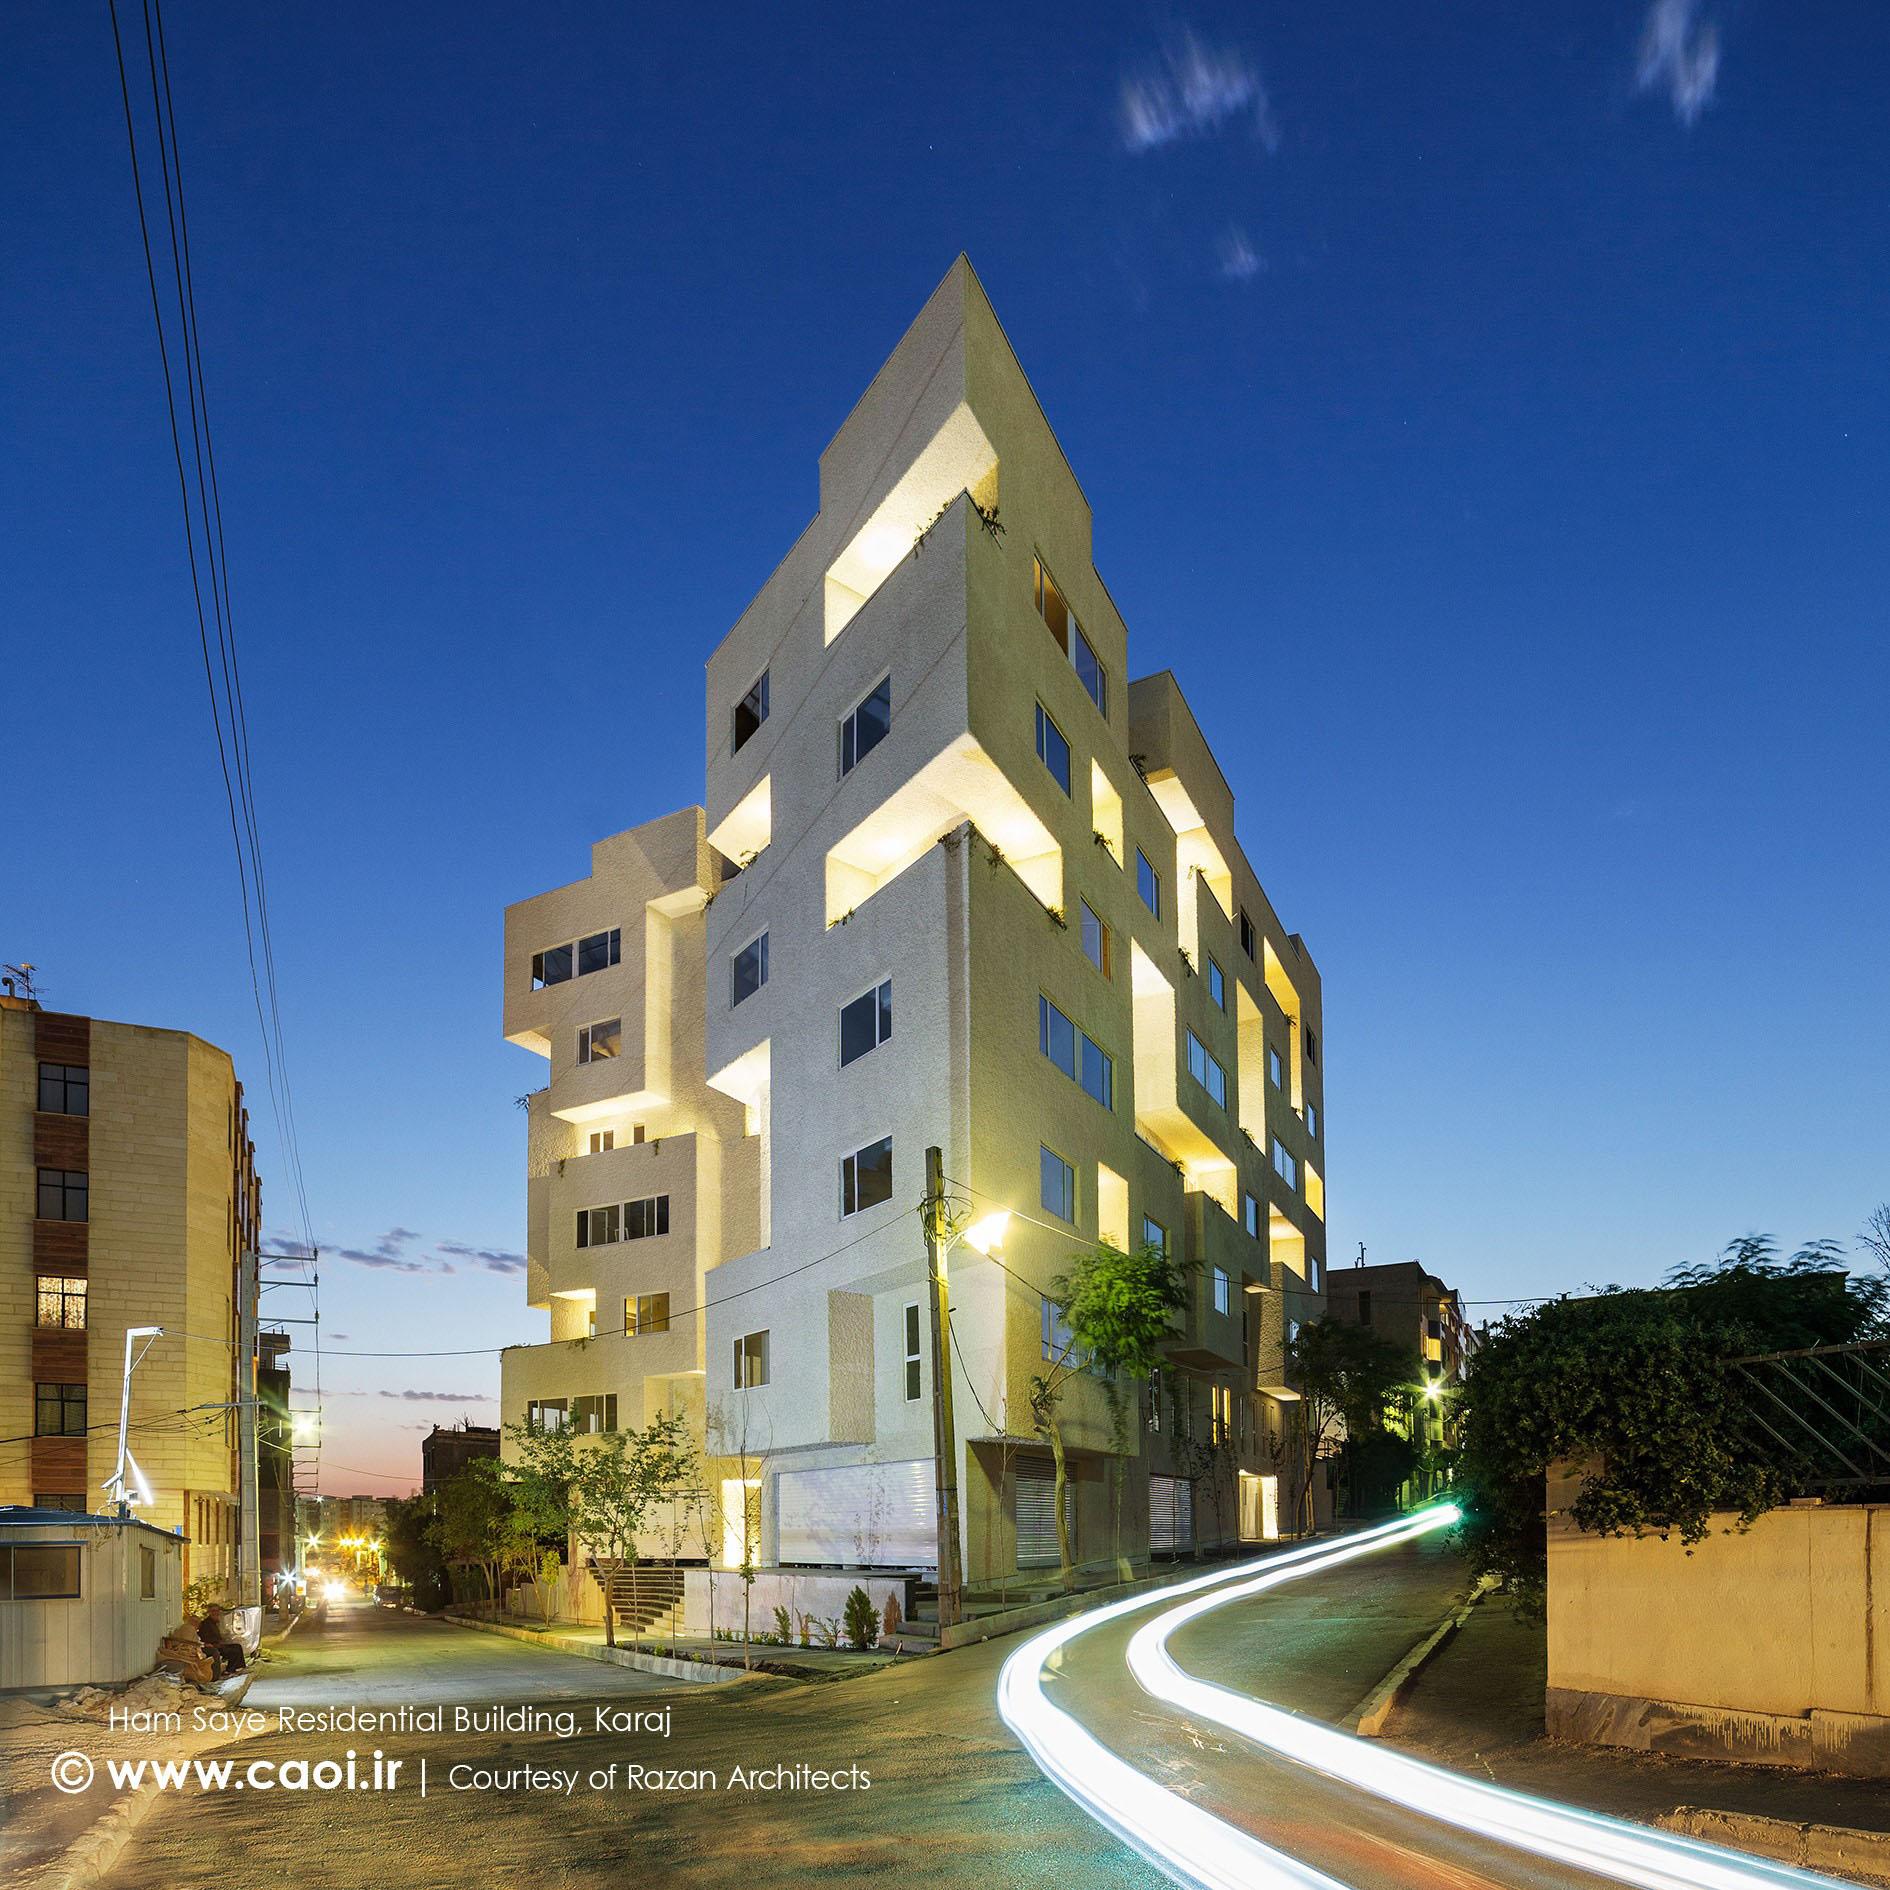 طراحی نمای مجتمع مسکونی,نمای مجتمع مسکونی,طراحی نمای ساختمان مسکونی